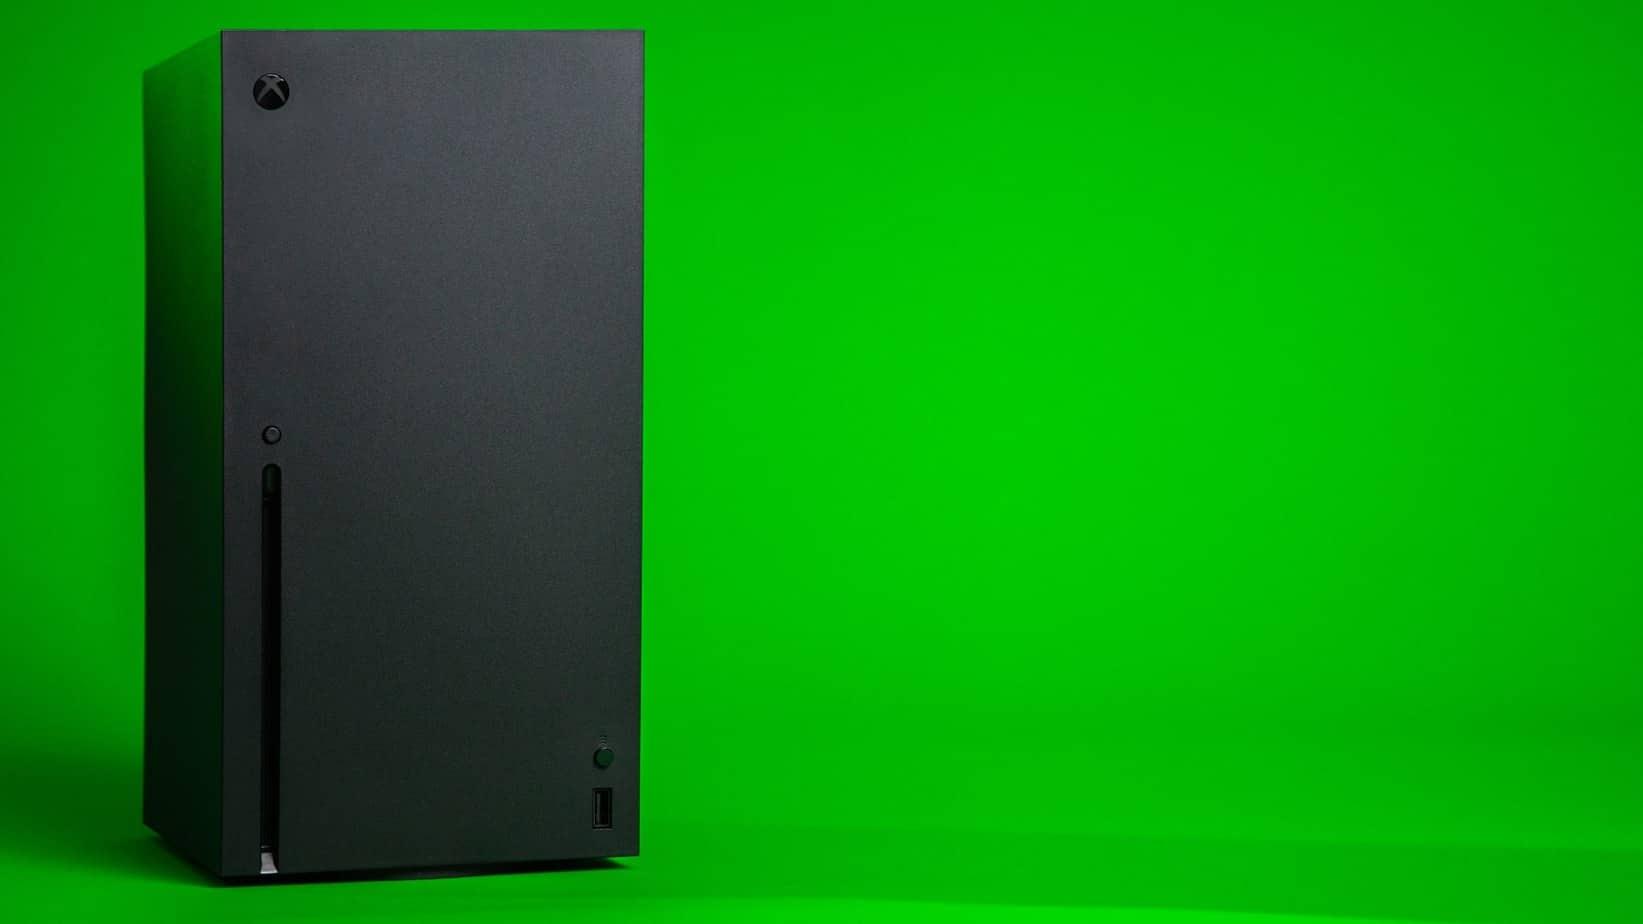 Les consoles Xbox Series X/S sont celles qui se vendent le plus vite